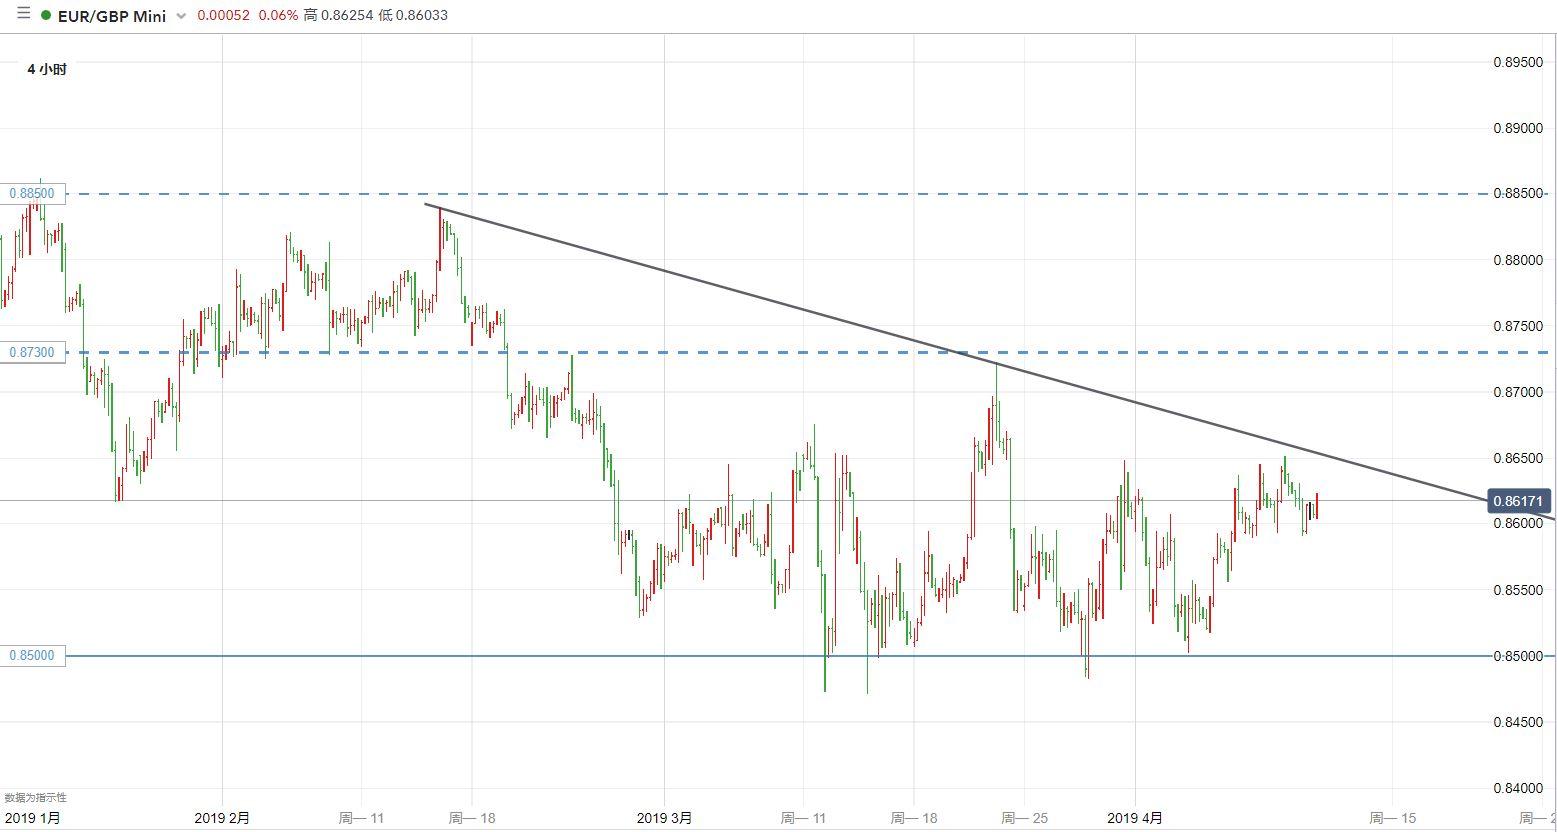 歐元/英鎊技術分析:耐心等待震盪區間的突破